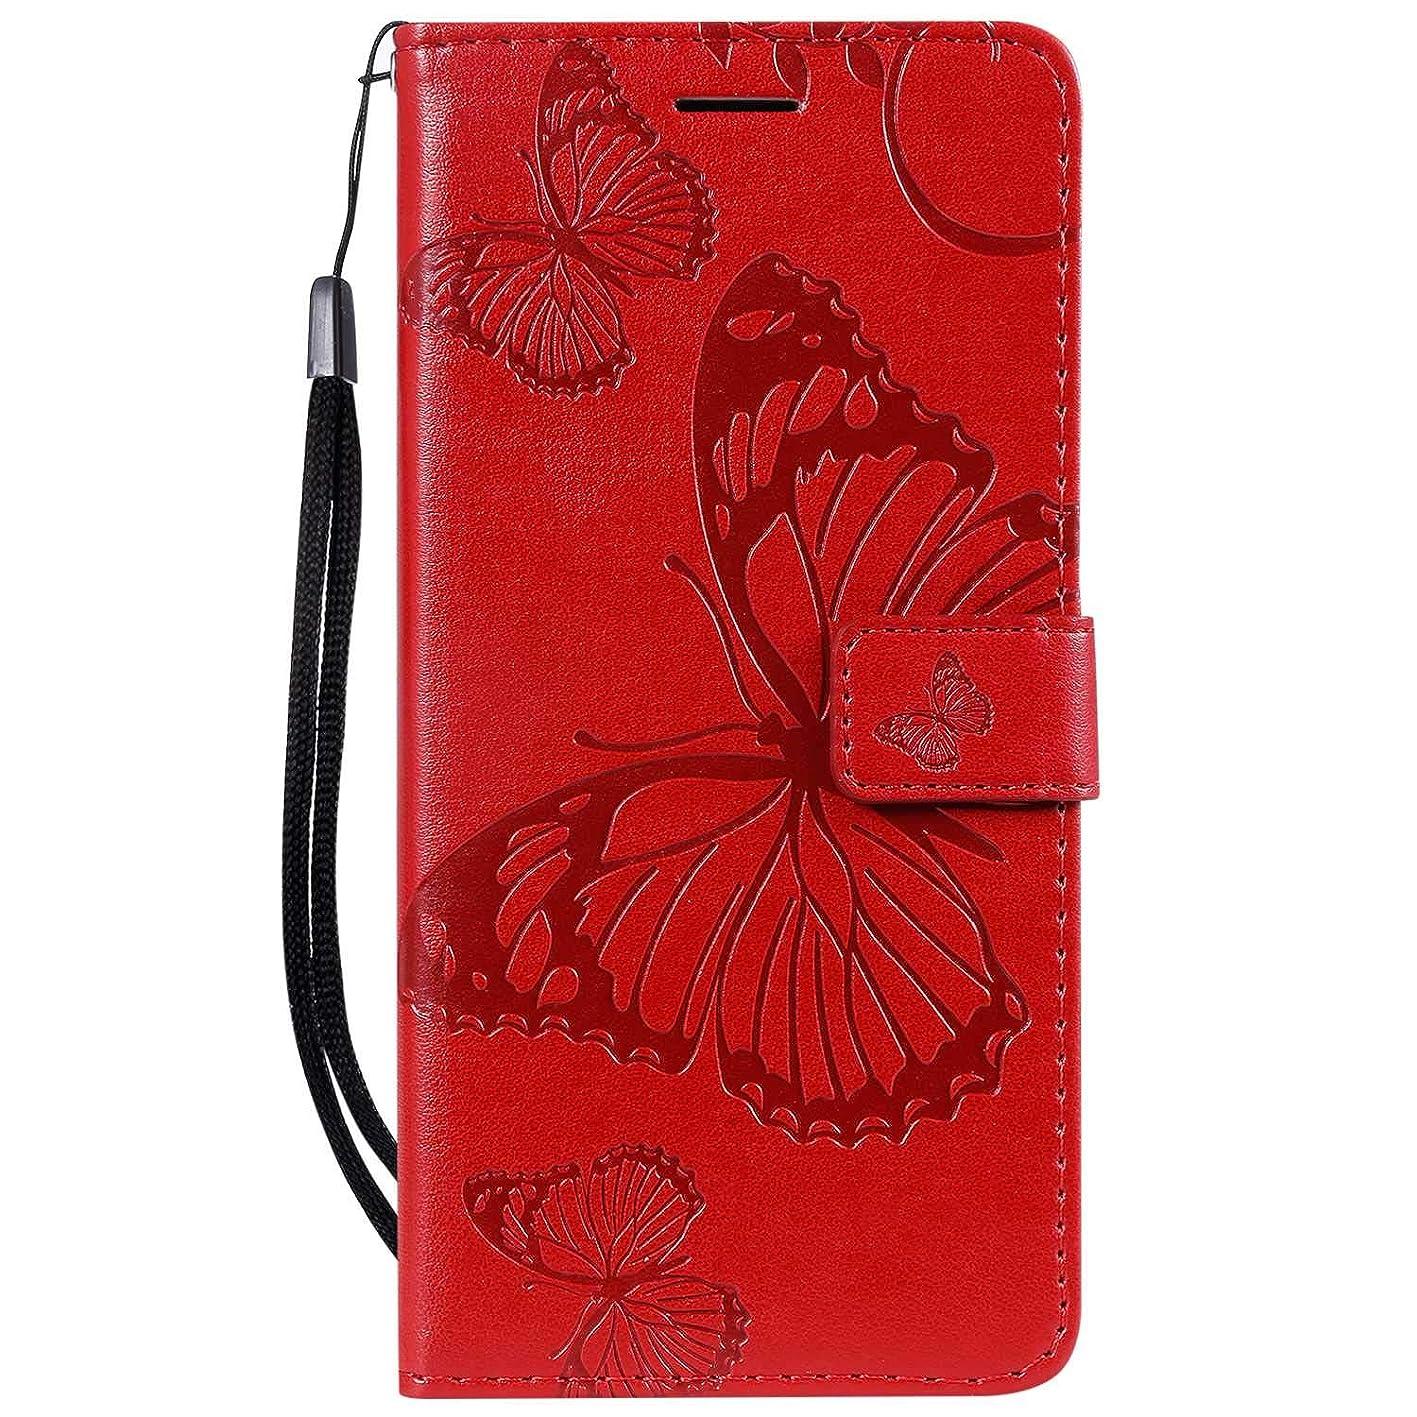 同封する放つ無力OMATENTI Nokia 3.1 Plus 手帳型 ケース, 良質 高級感PUレザー カード収納ホルダー付きストラップ付き 落下防止 全面保護 衝撃吸収 保護カバー エンボス蝶柄, 赤